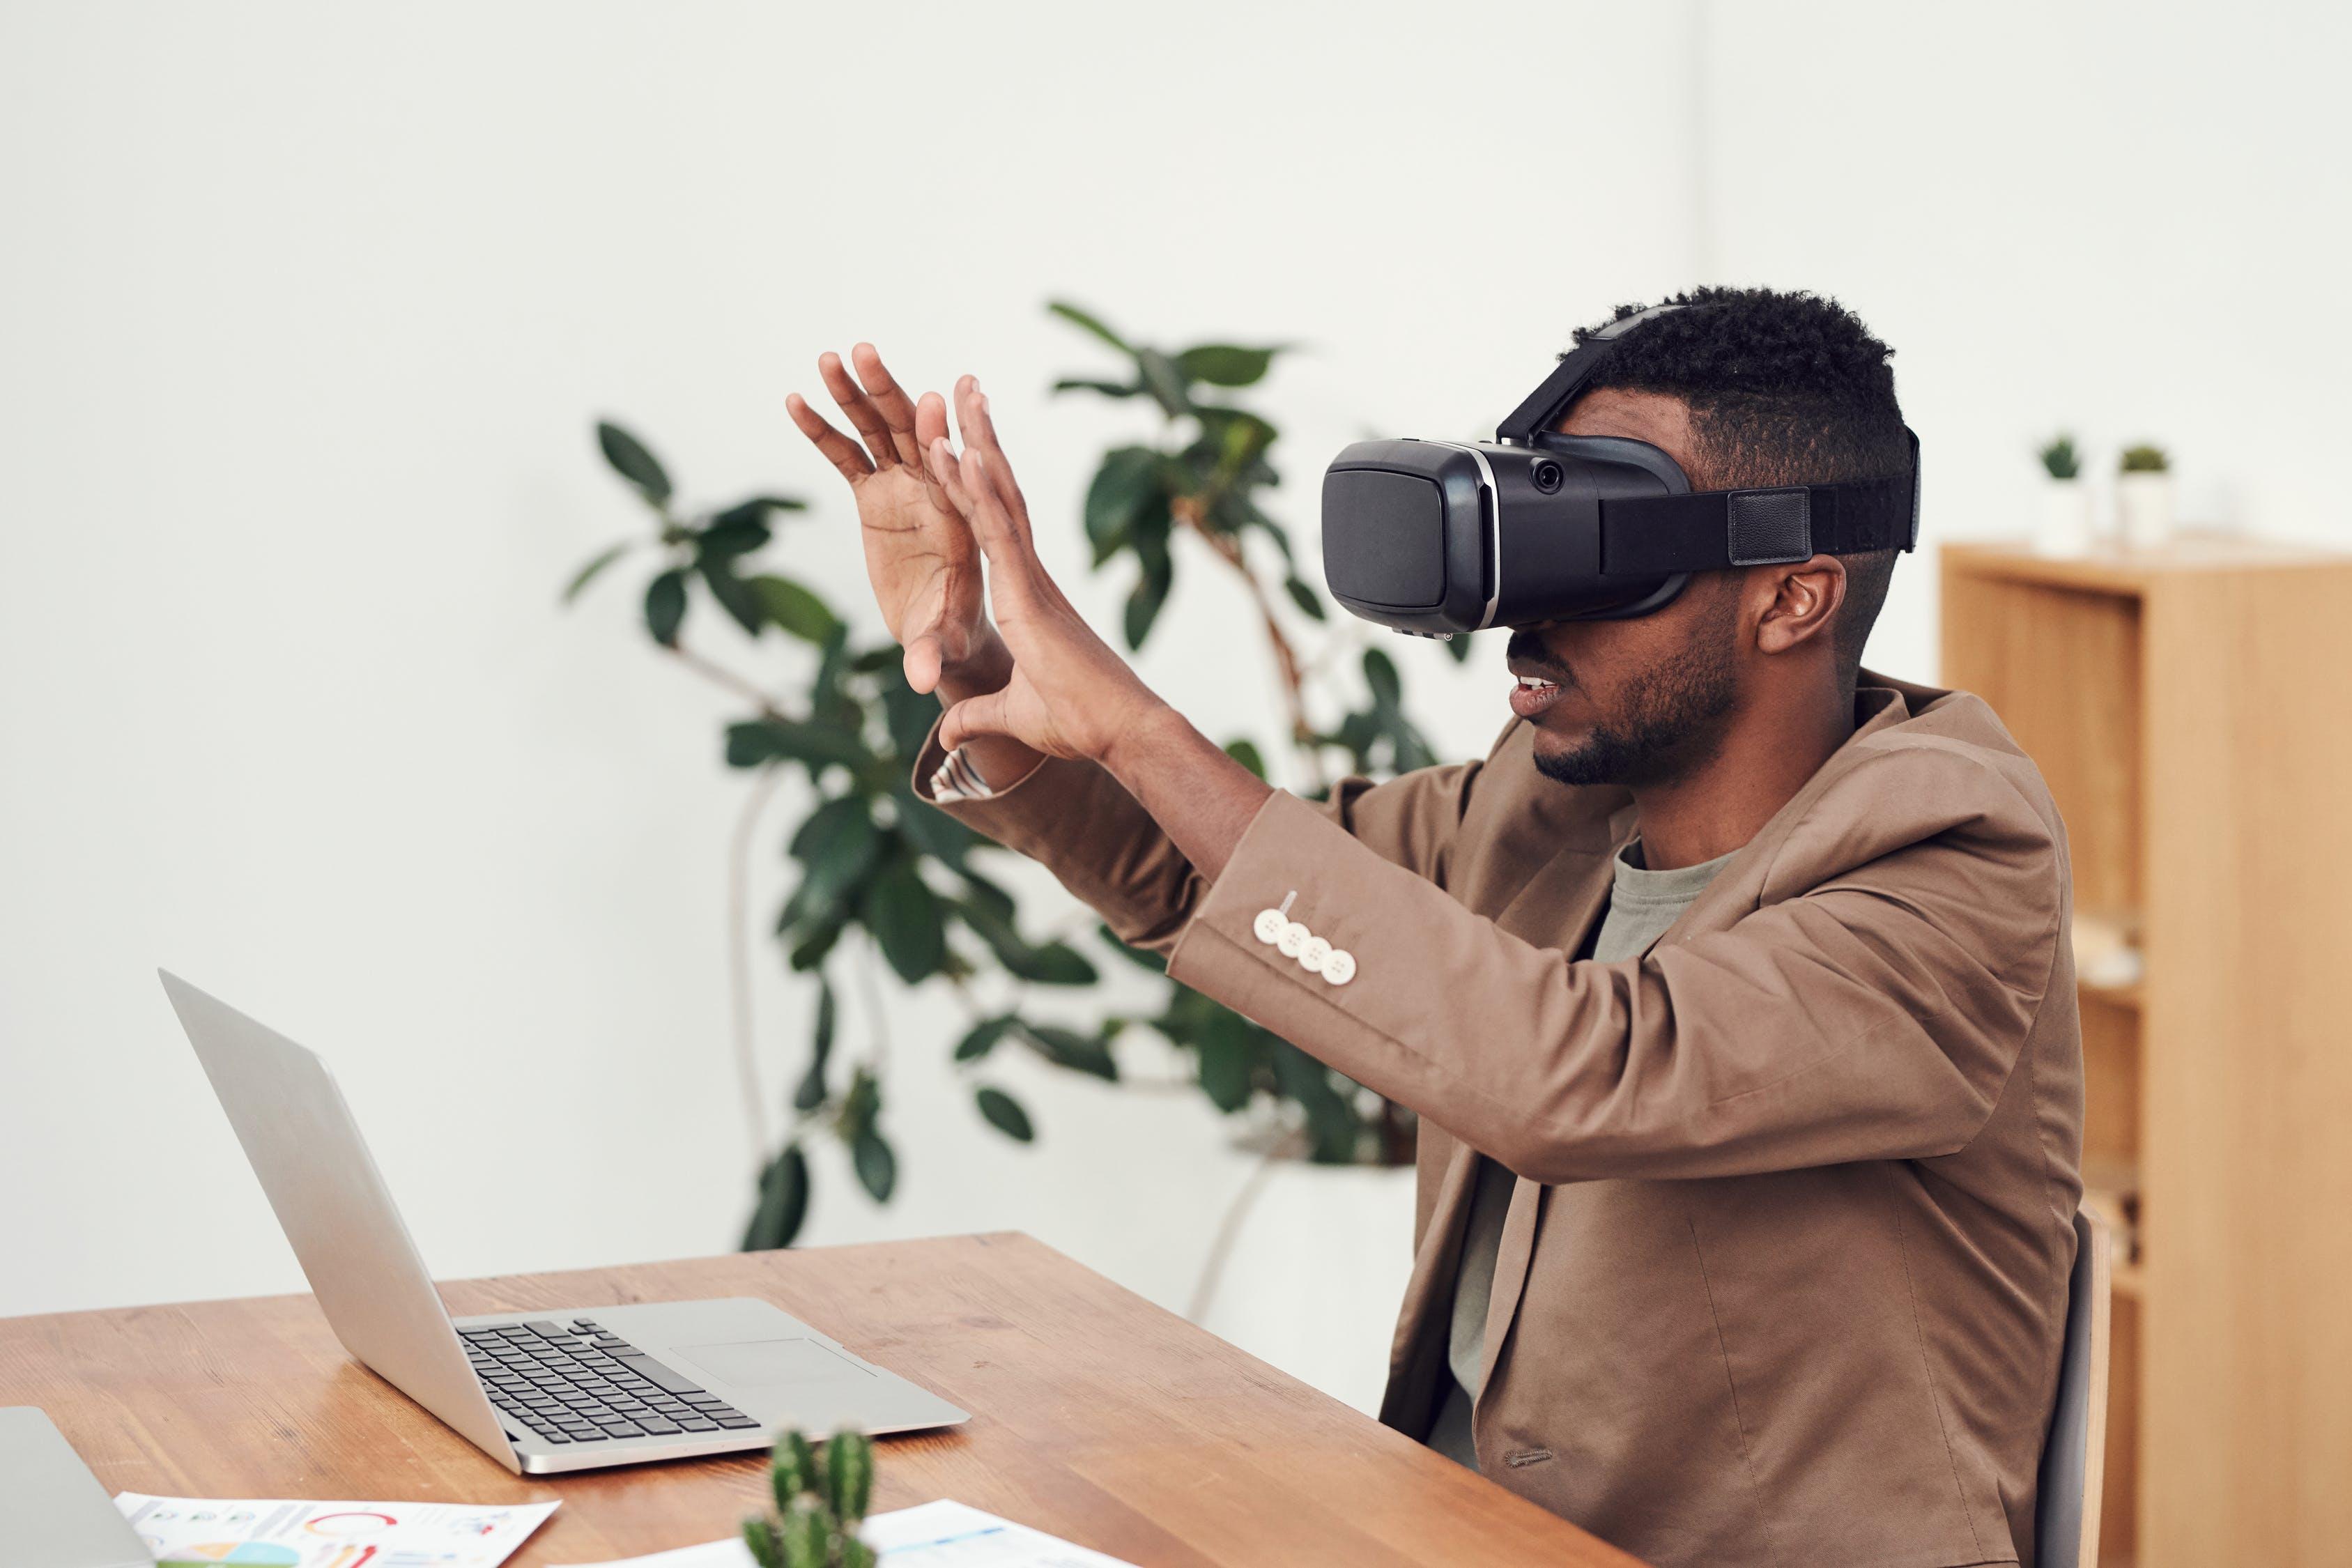 La virtualisation des méthodes de travail